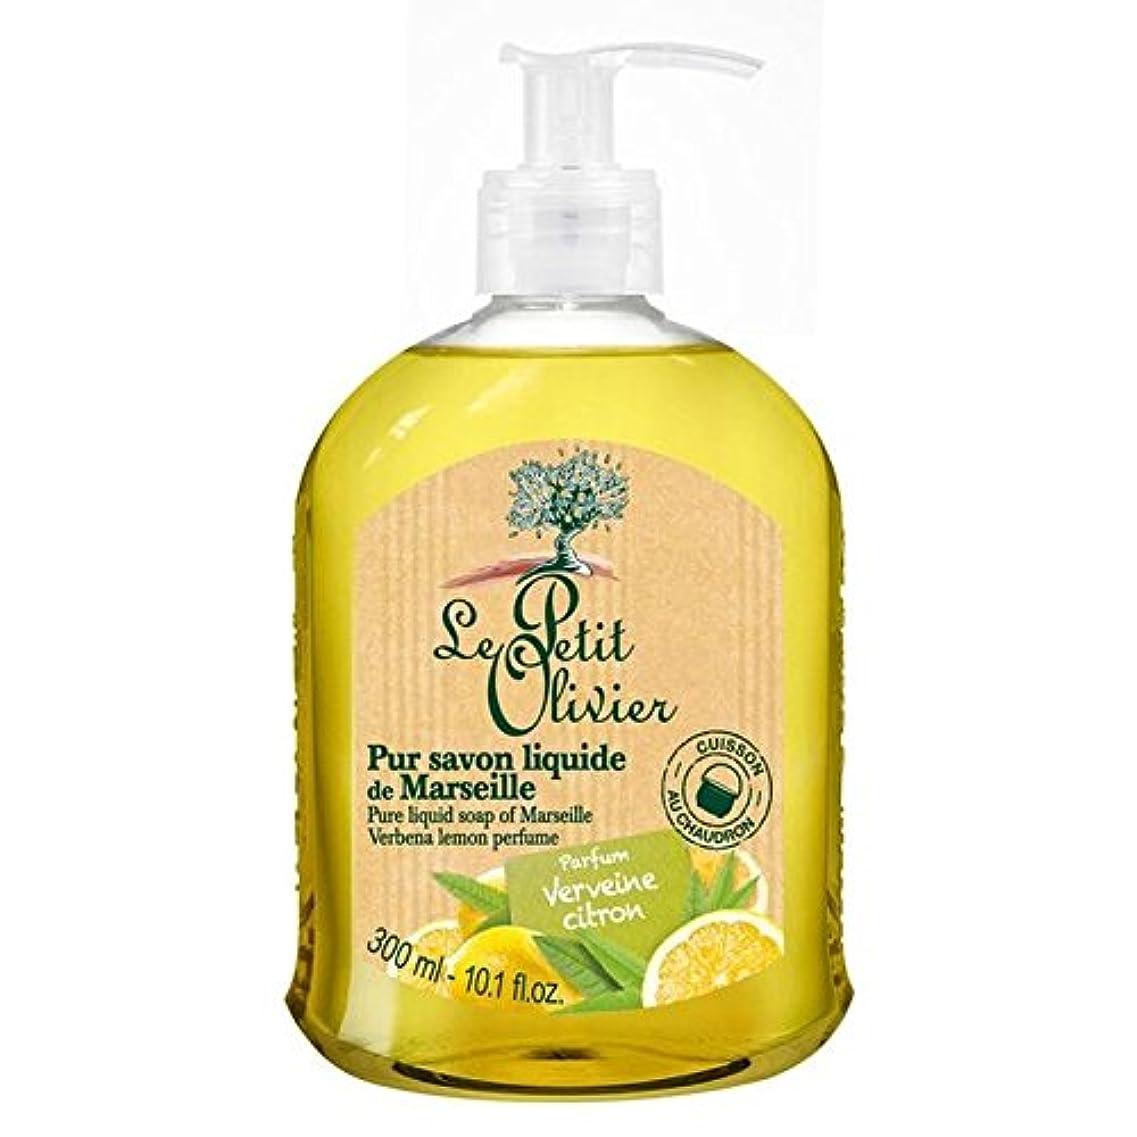 匿名アナニバー転倒Le Petit Olivier Pure Liquid Soap of Marseille, Verbena Lemon 300ml (Pack of 6) - マルセイユのル?プティ?オリヴィエ純粋な液体石鹸、バーベナレモン...